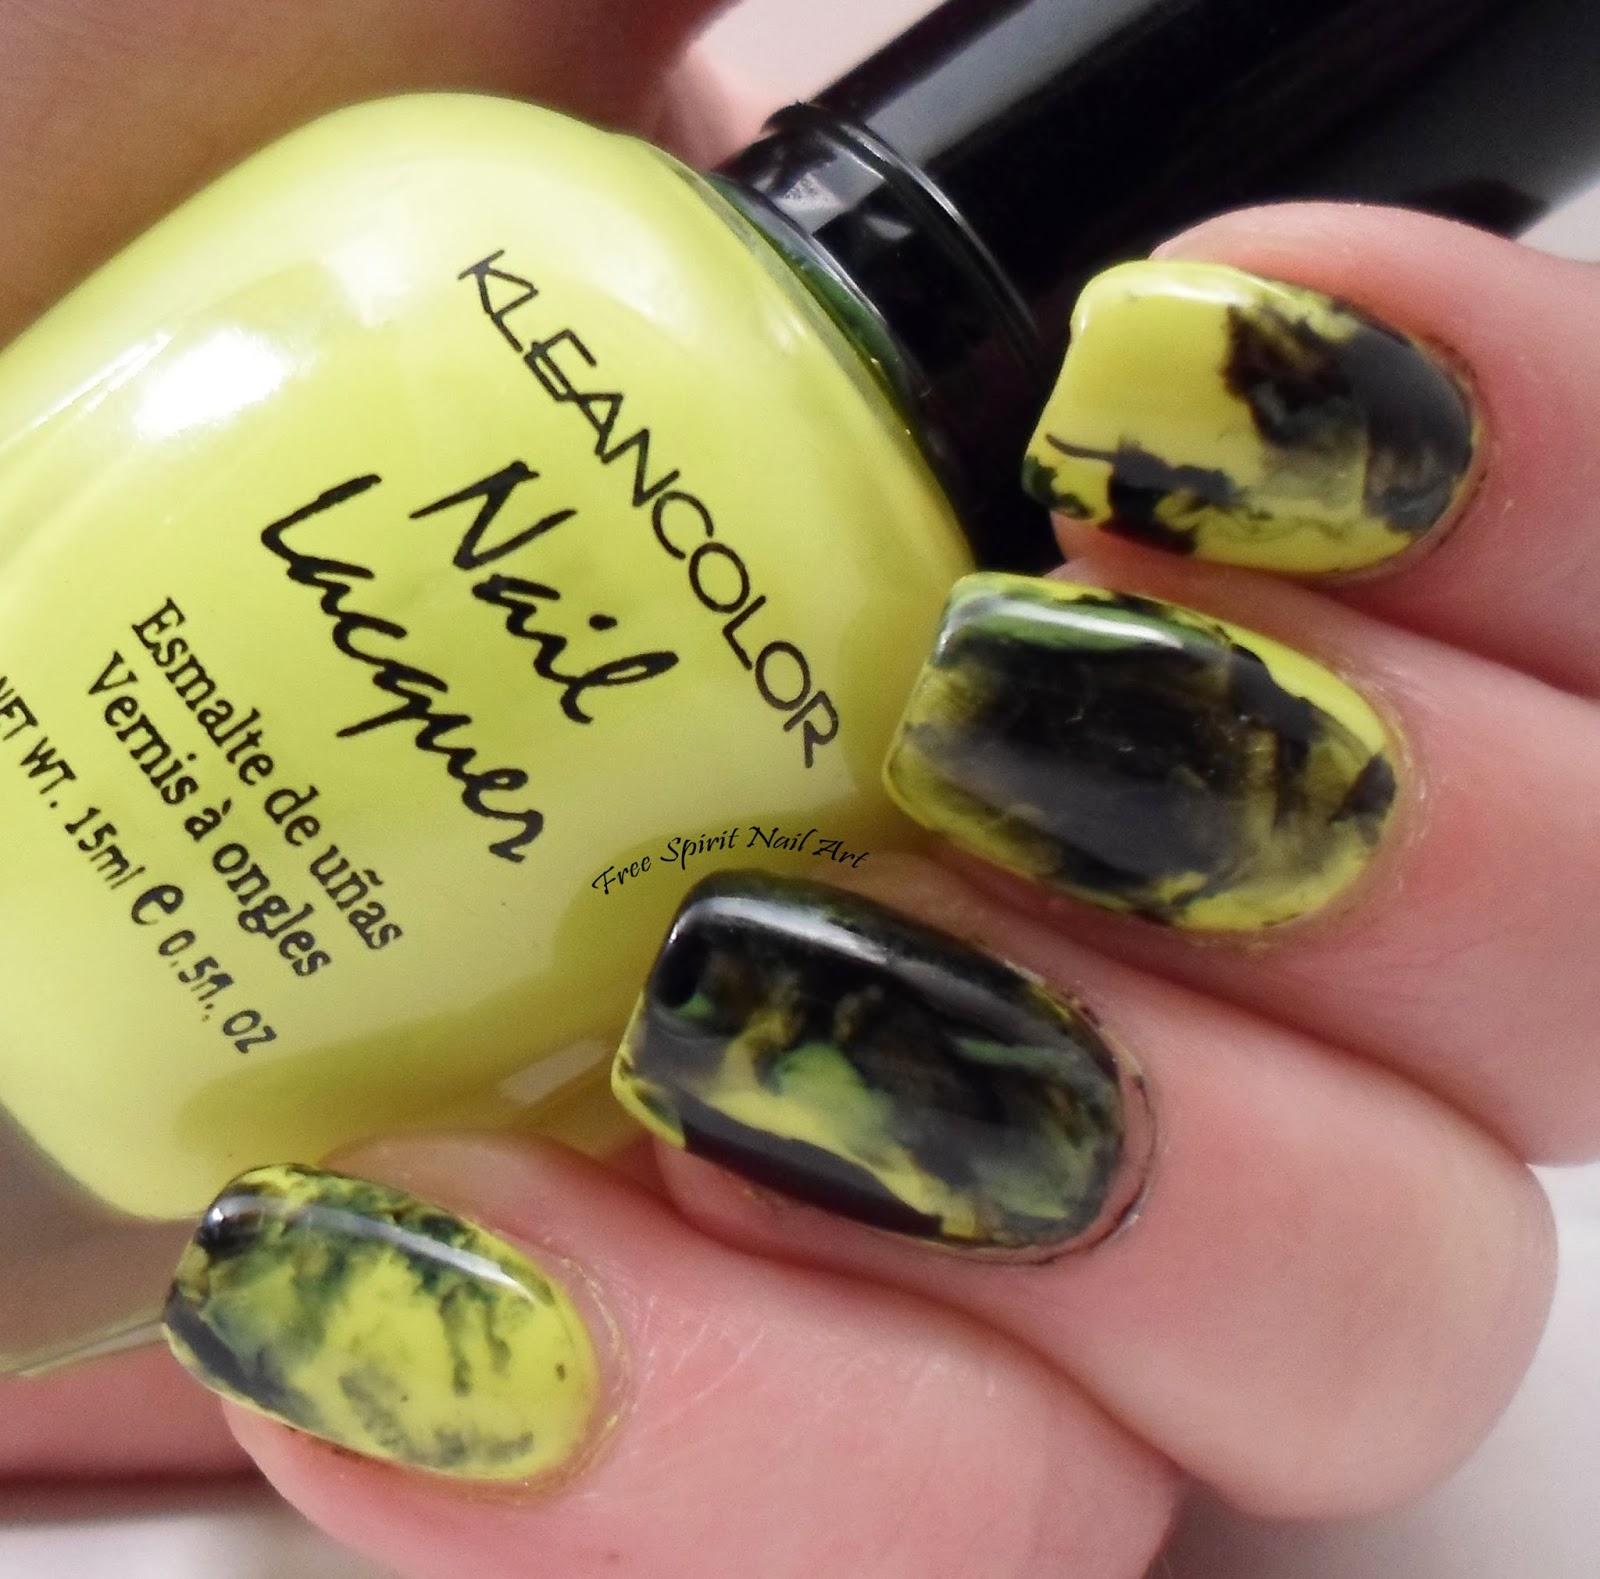 Free Spirit Nail Art: Neon and Black Marbled Nail Art